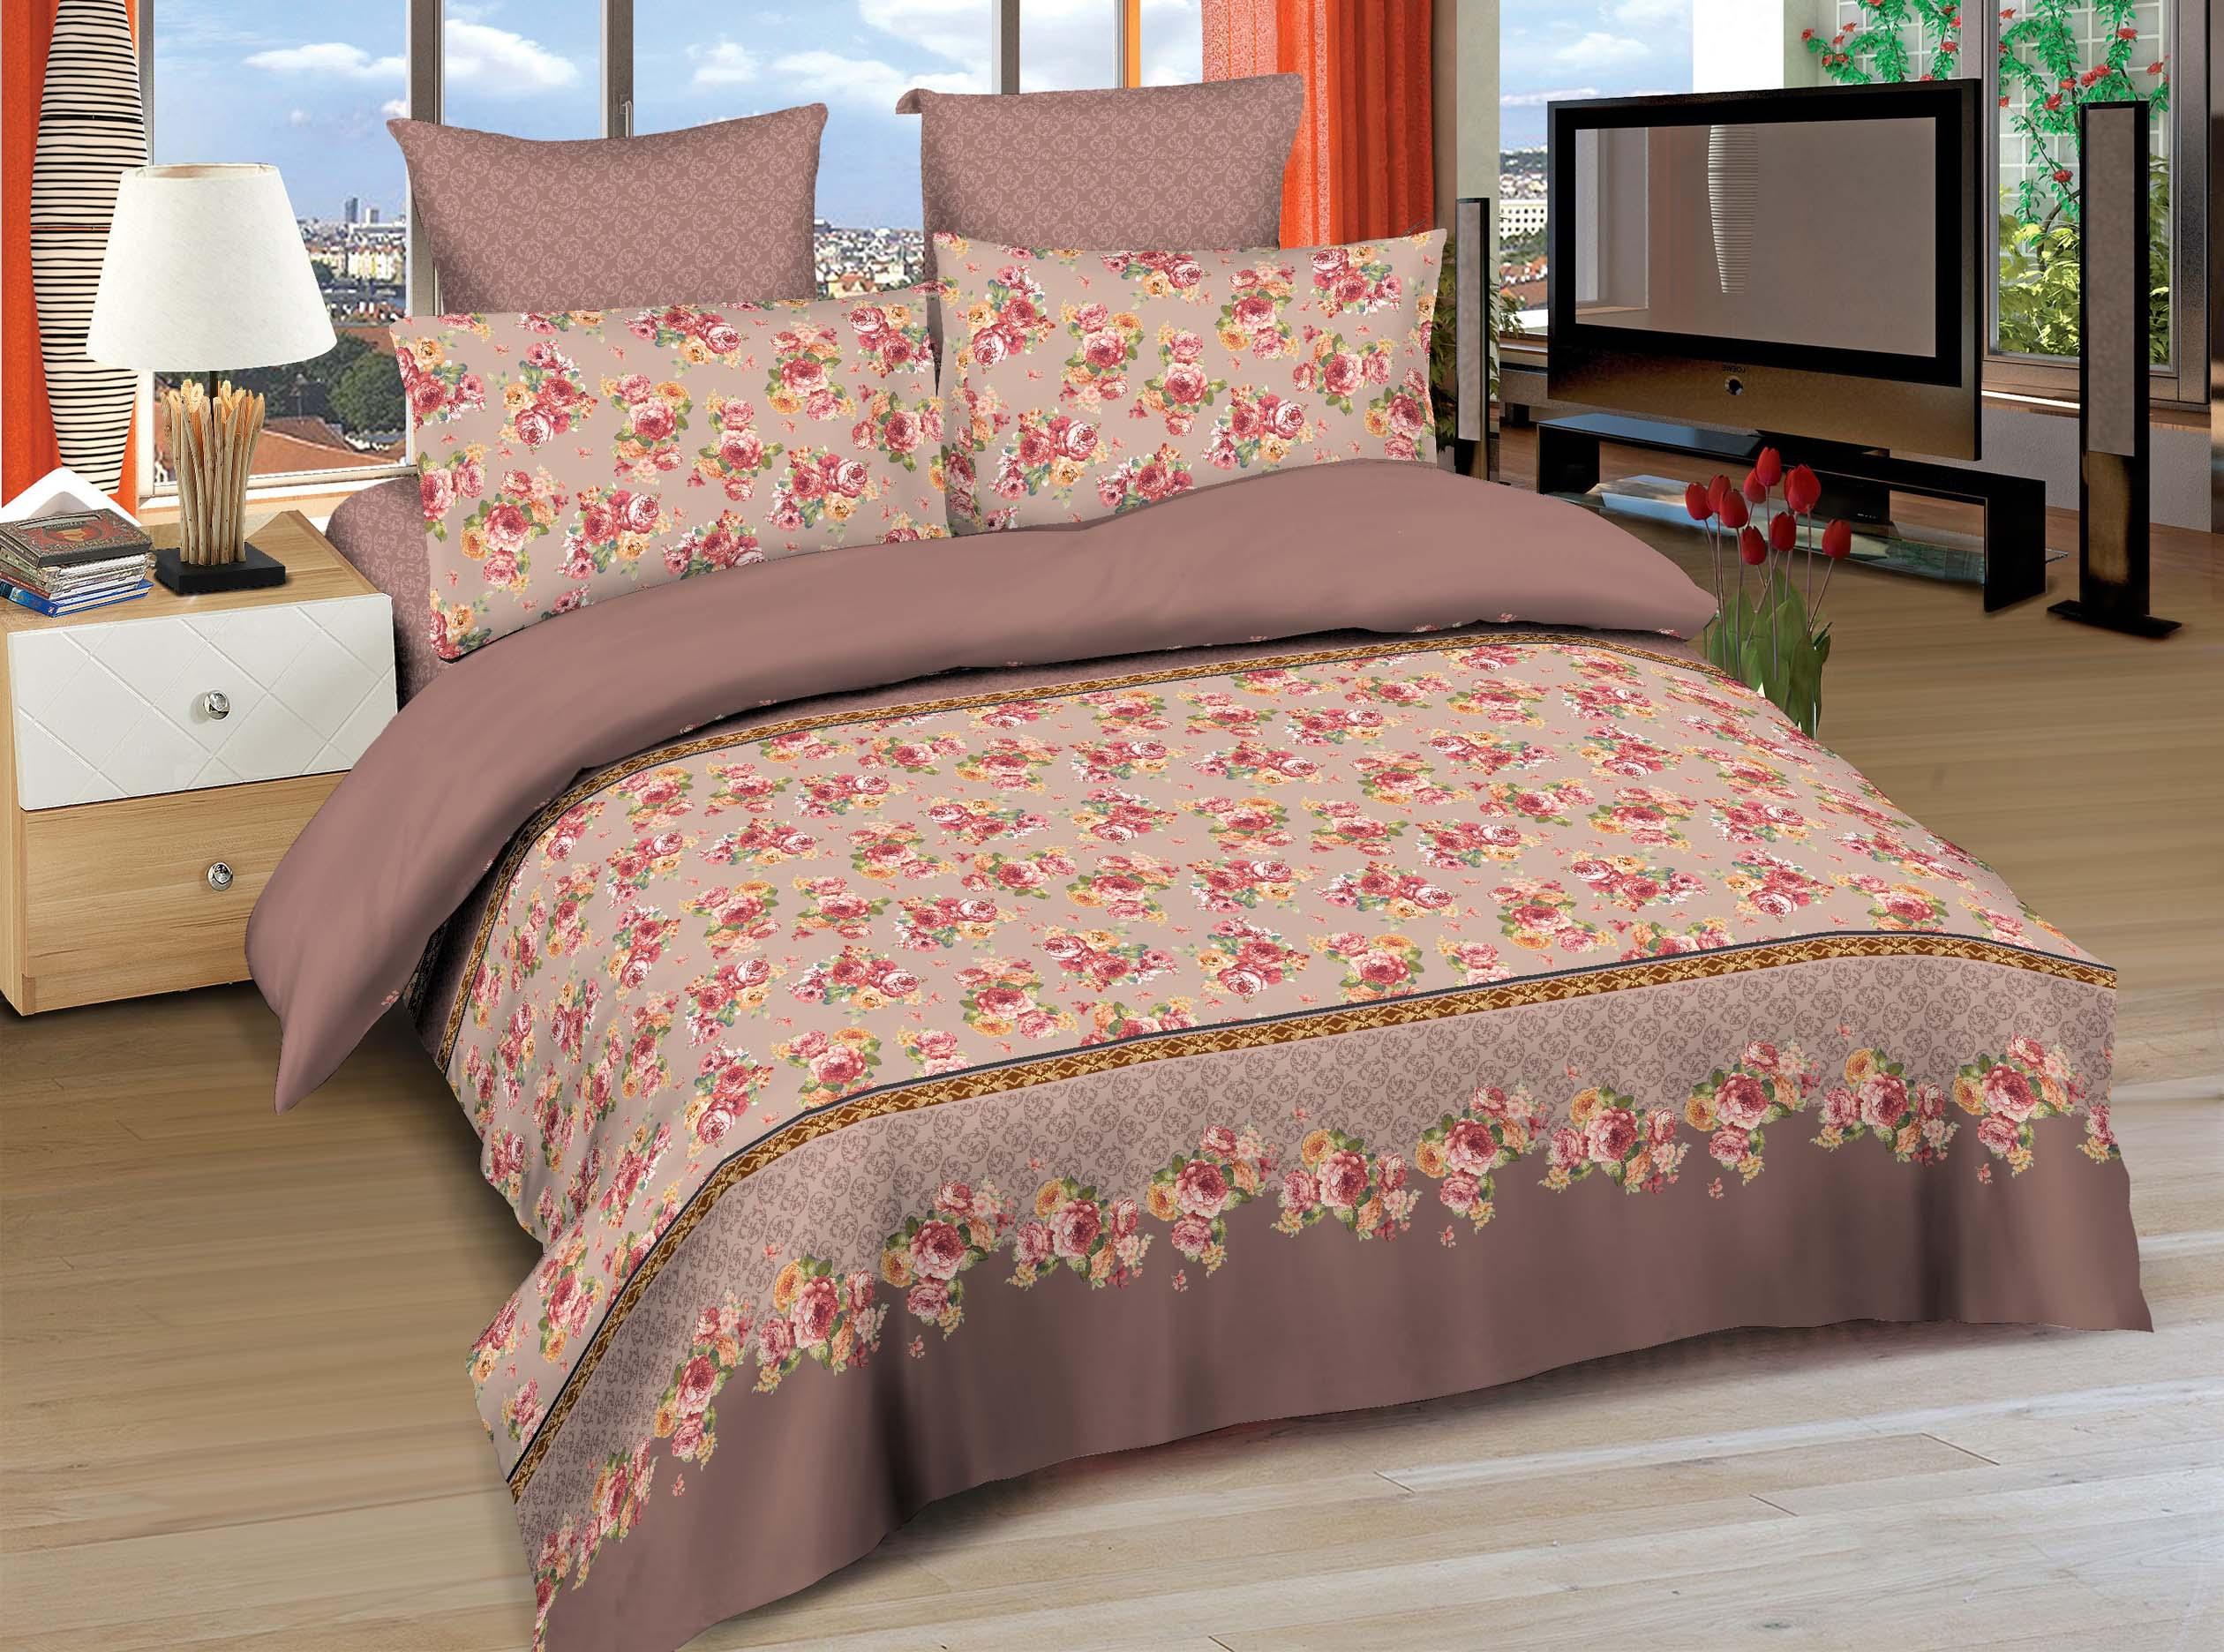 Постельное белье Amore Mio Постельное белье Bristol (2 спал.) постельное белье amore mio постельное белье gabrielle 2 спал